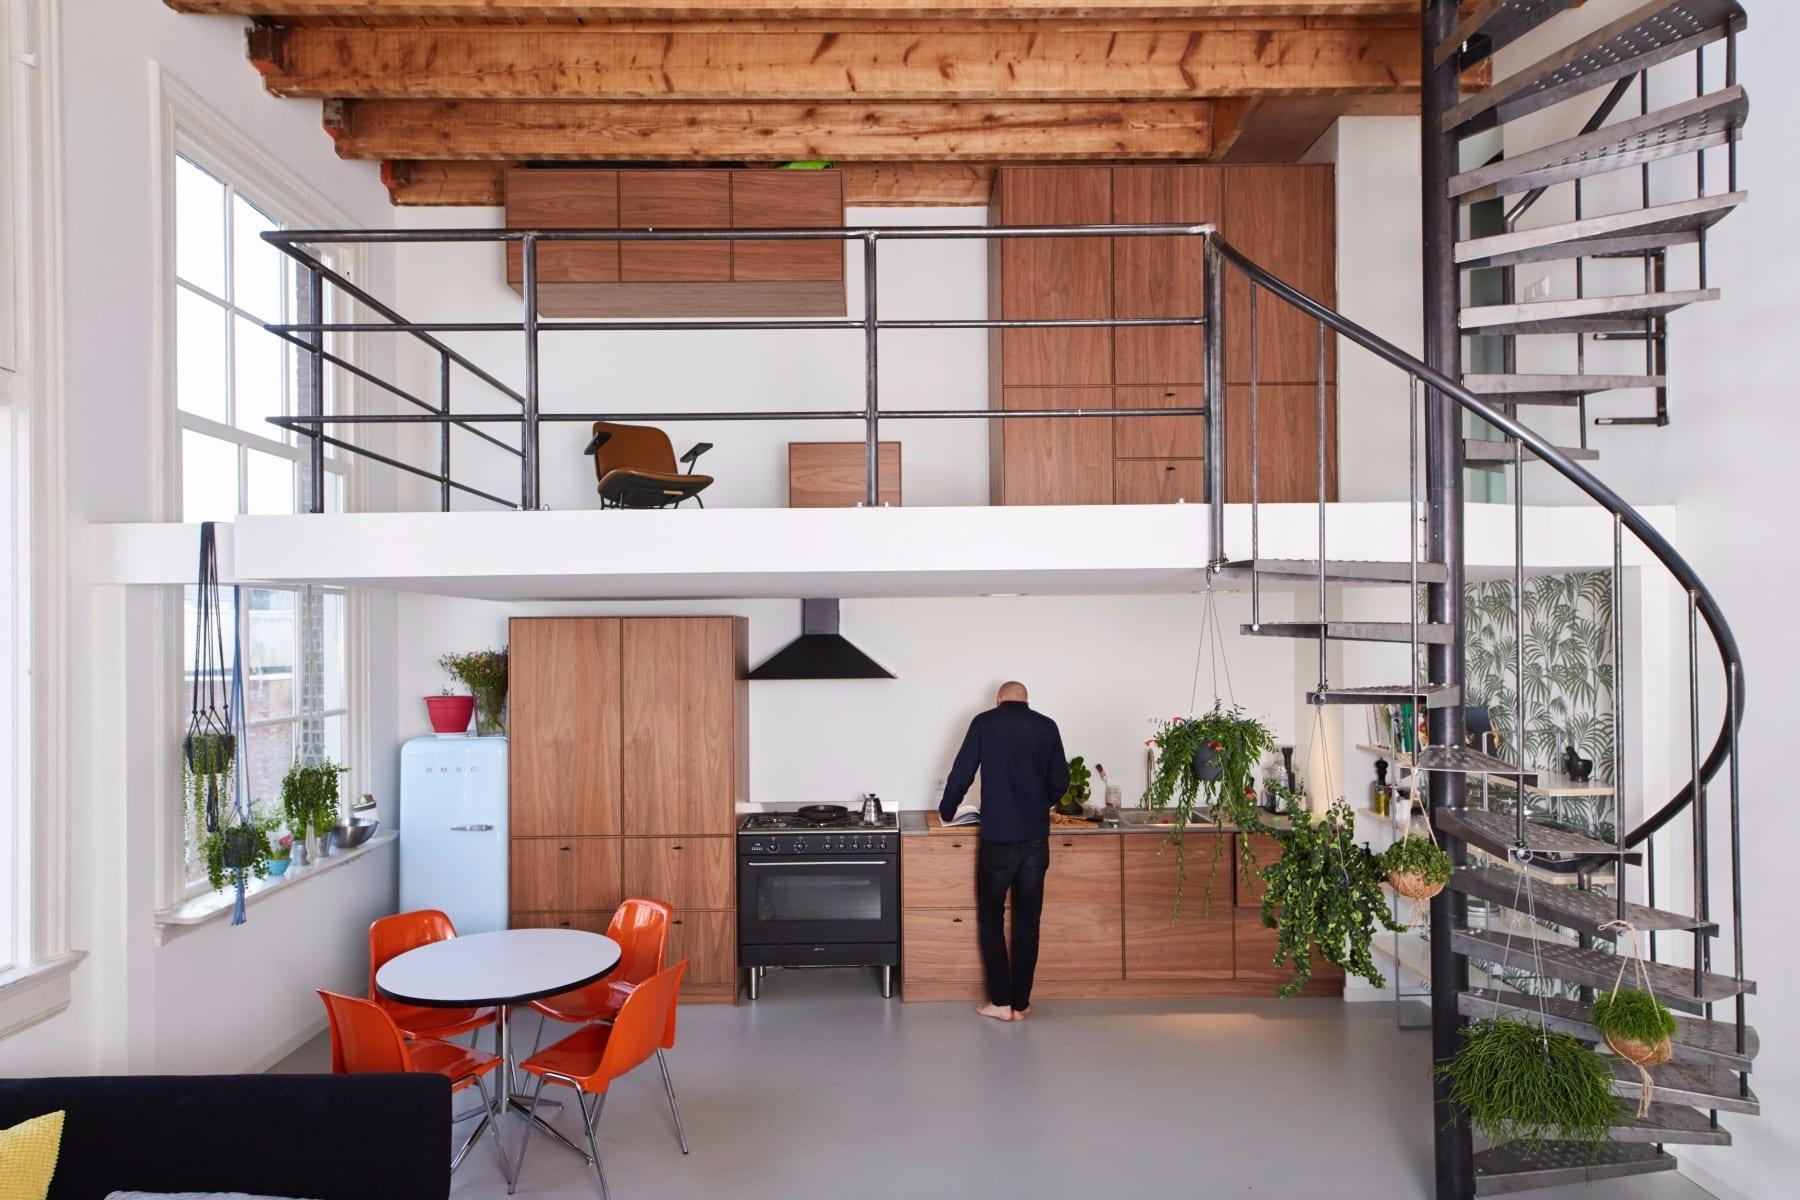 Industriele keuken ontwerp inspiratie het beste interieur - Deco keuken ontwerp ...